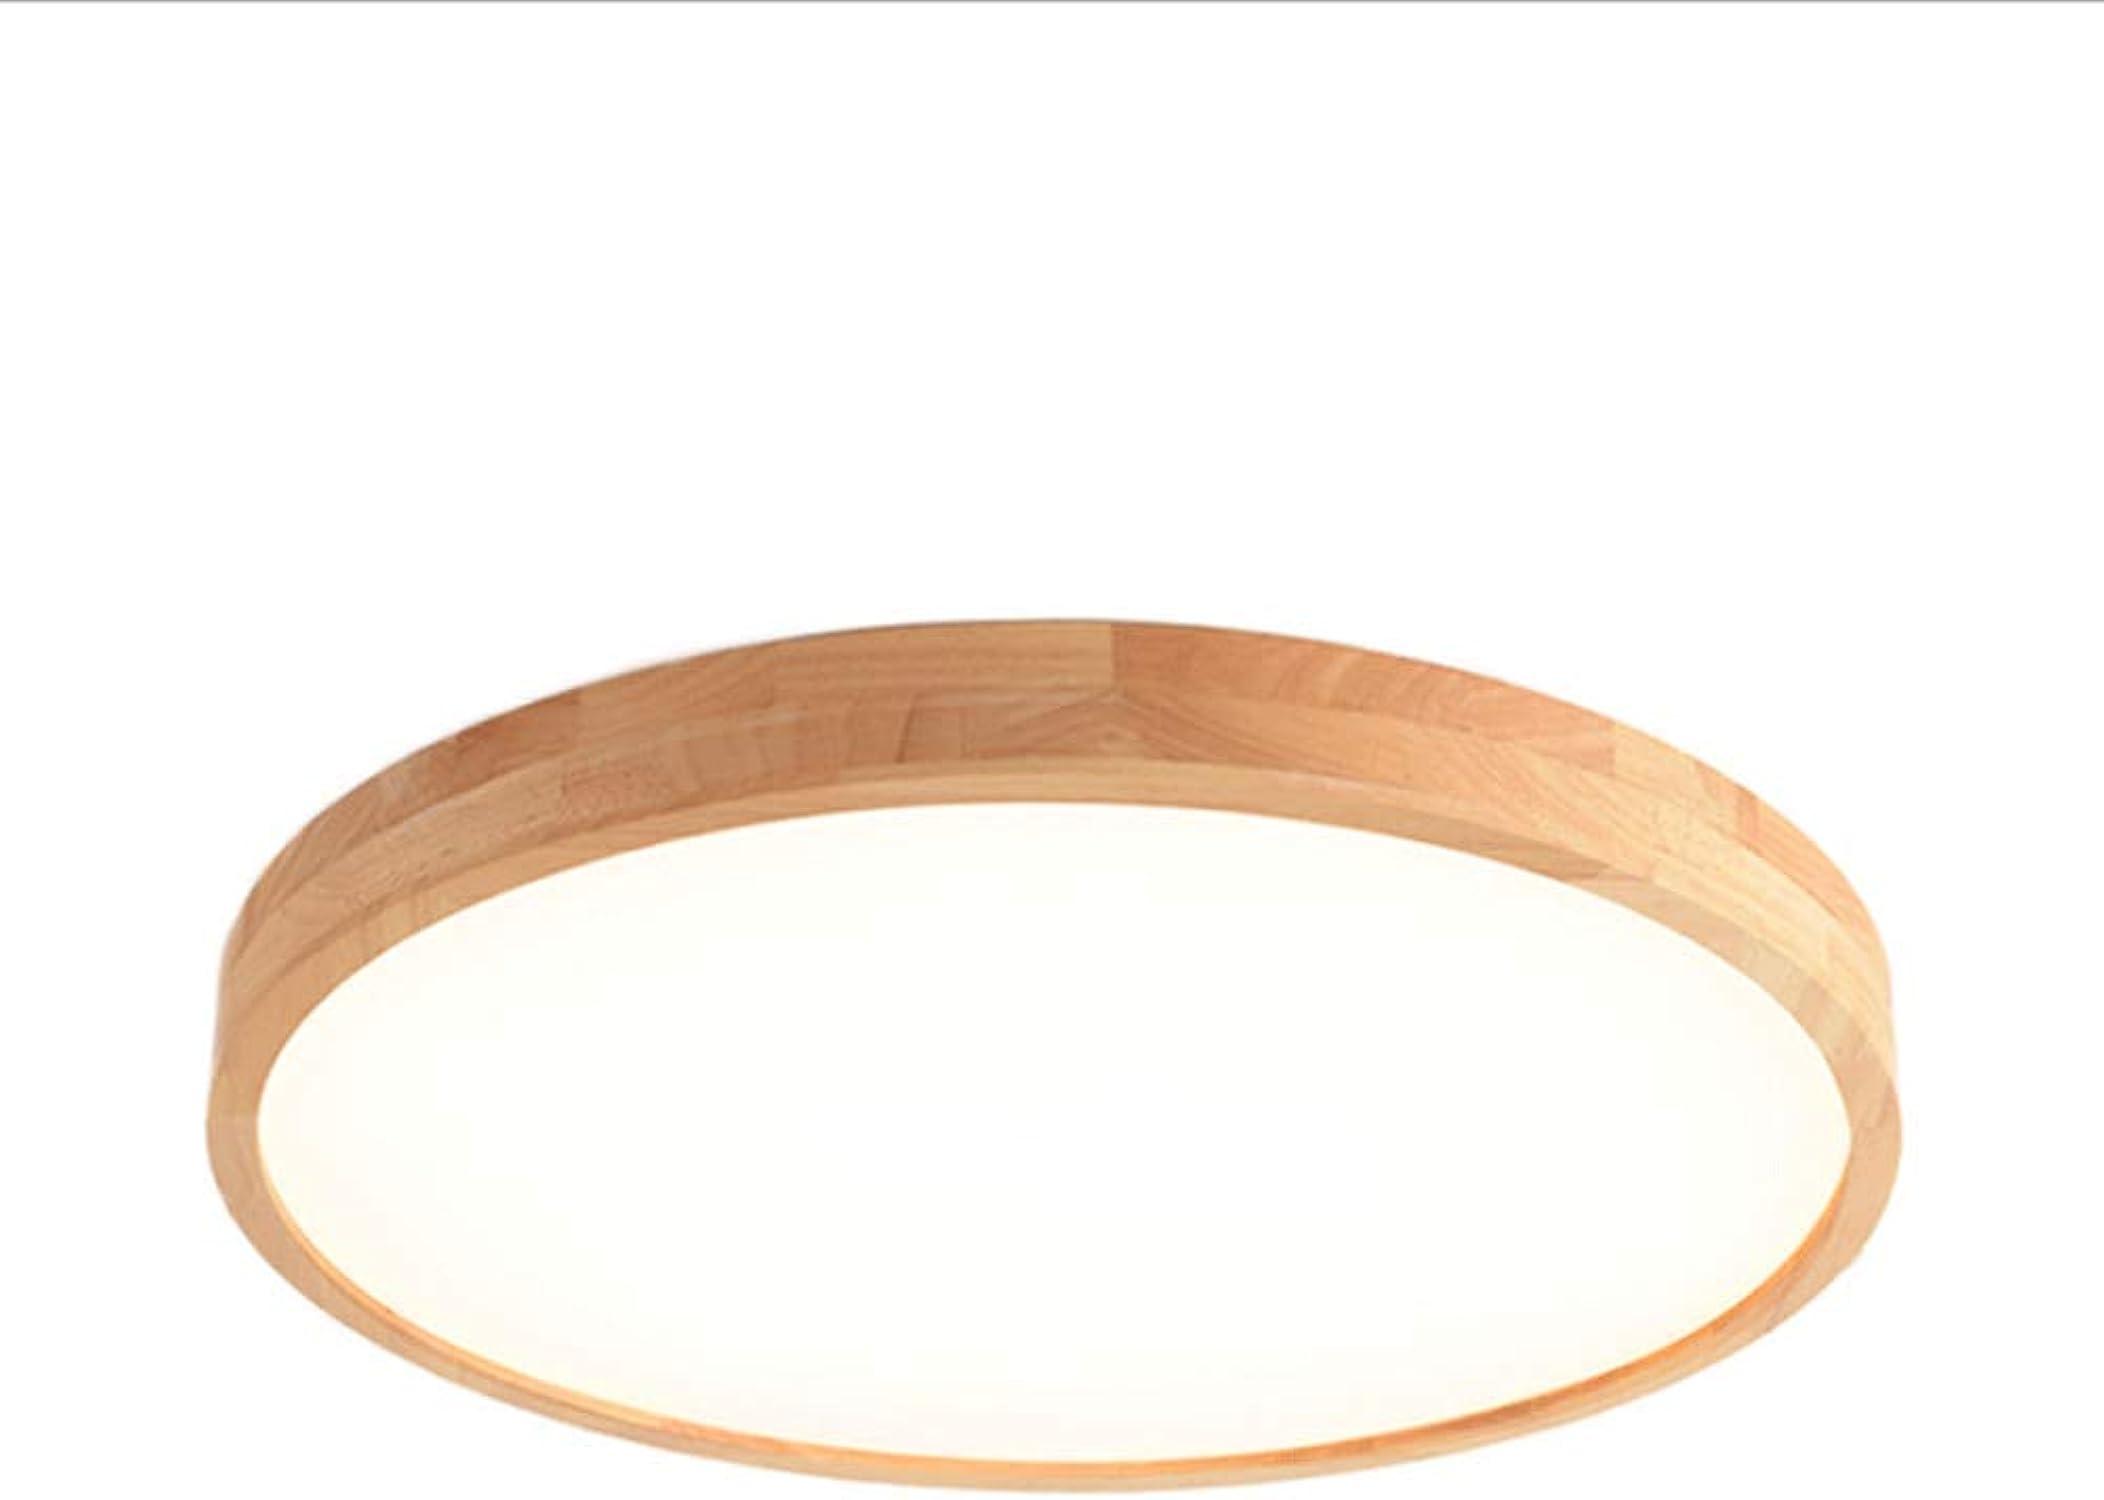 Lámpara de techo de madera maciza de estilo nórdico, rojoonda   ovalada Lámpara de salón de estilo nórdico Pantalla de acrílico Lámpara de jardín moderno Pasillo exterior Cocina Bao Lámpara de balcón